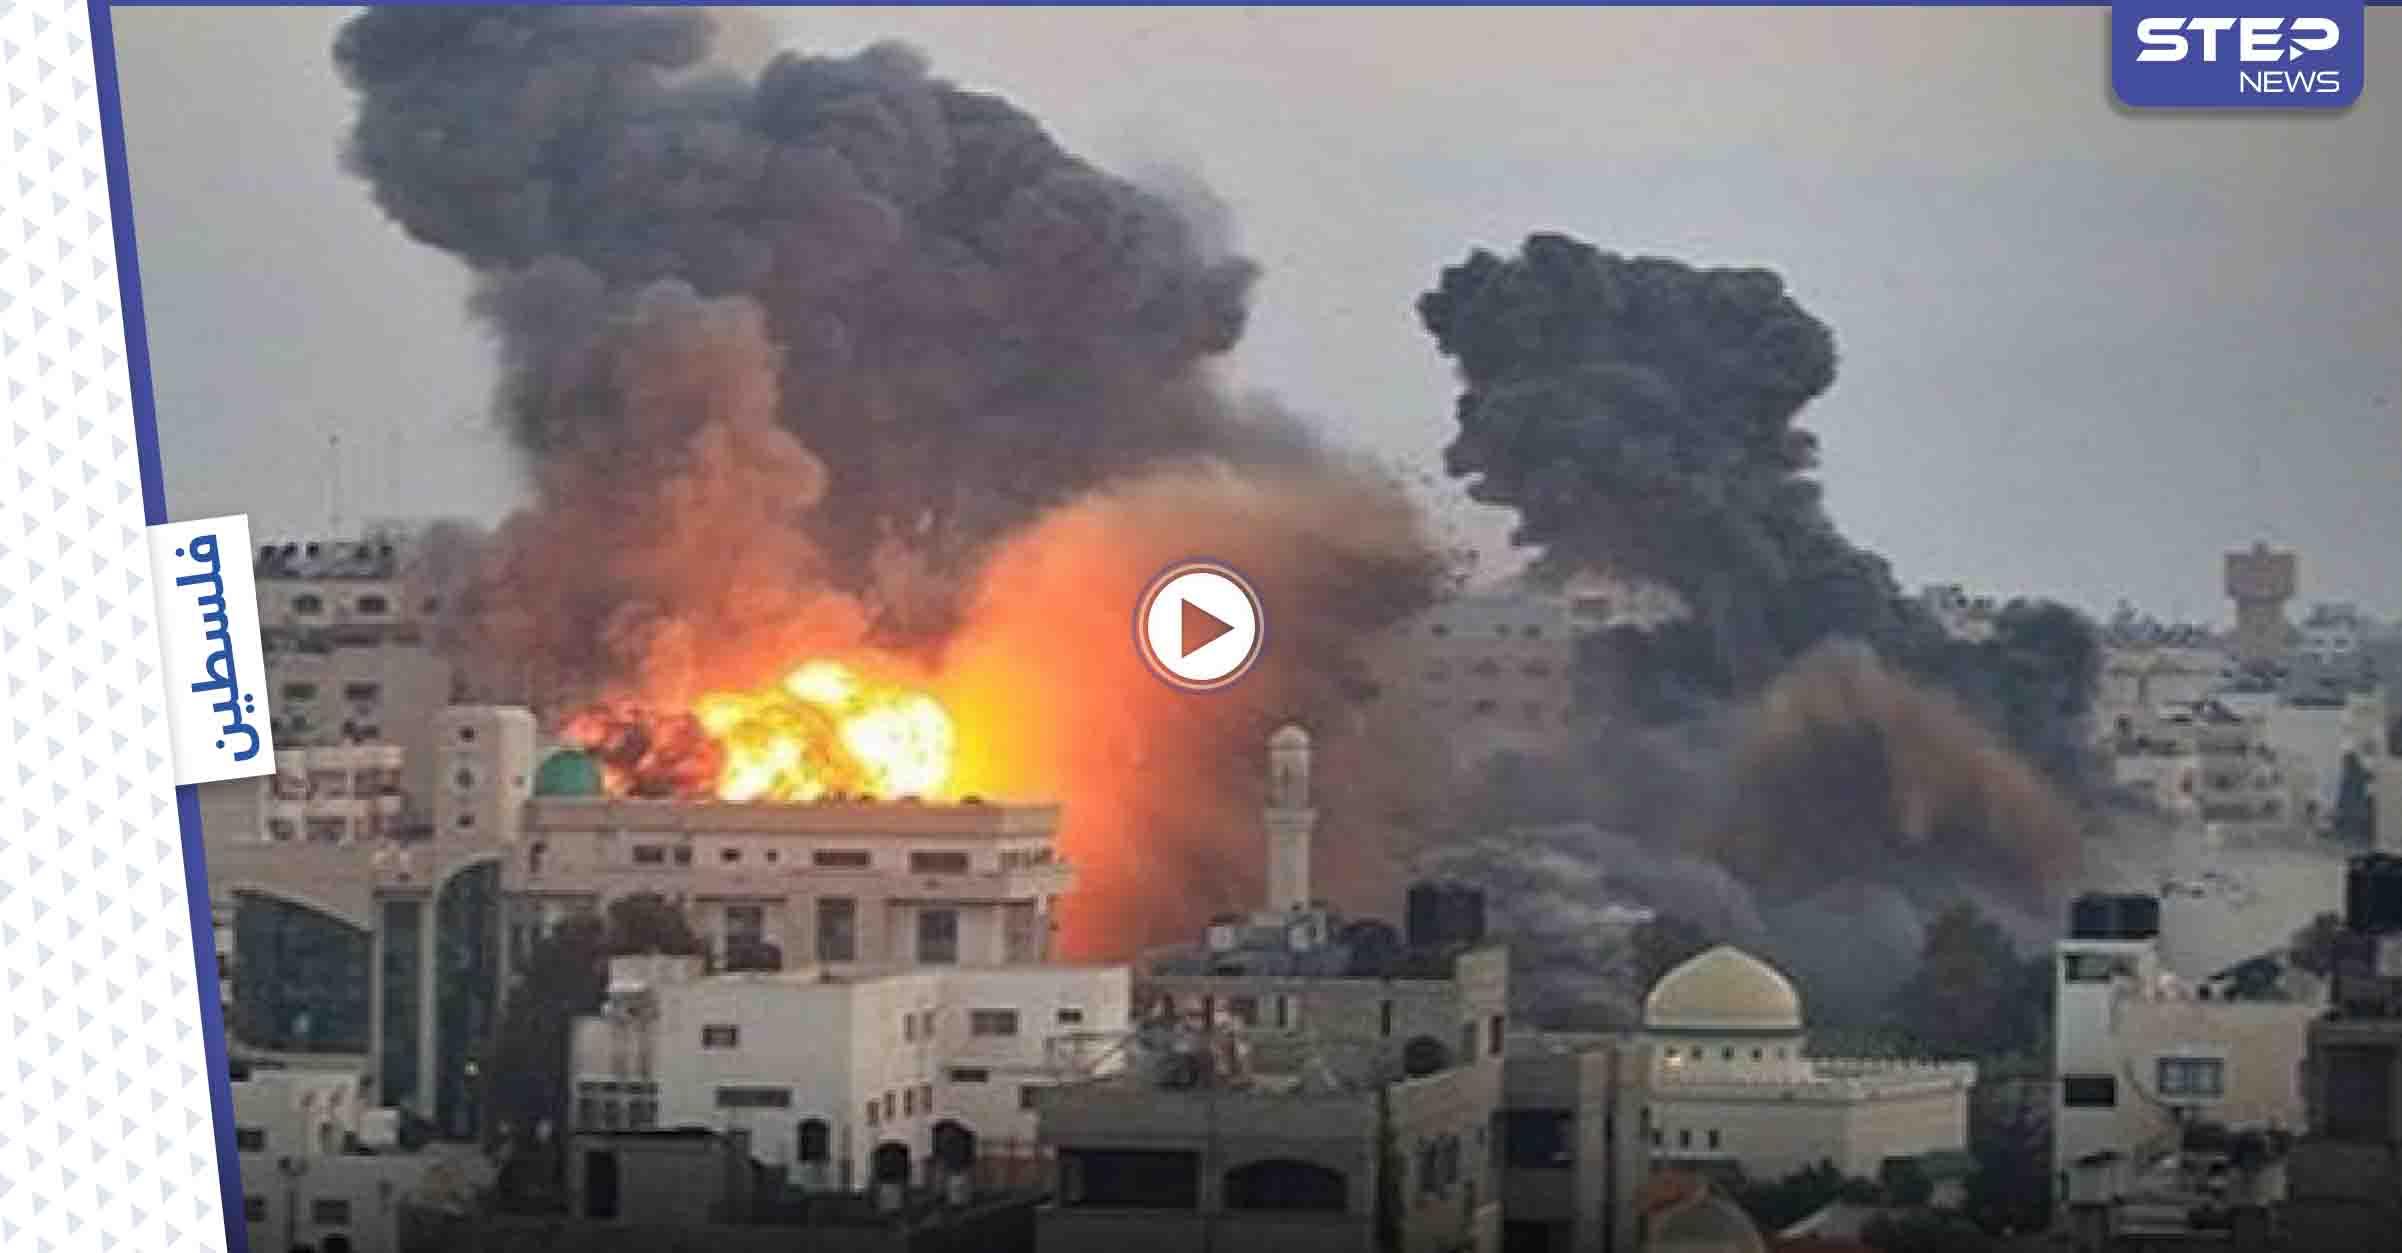 بالفيديو    بليلة القدر.. غارات إسرائيلية على قطاع غزة ومواجهات دامية في القدس